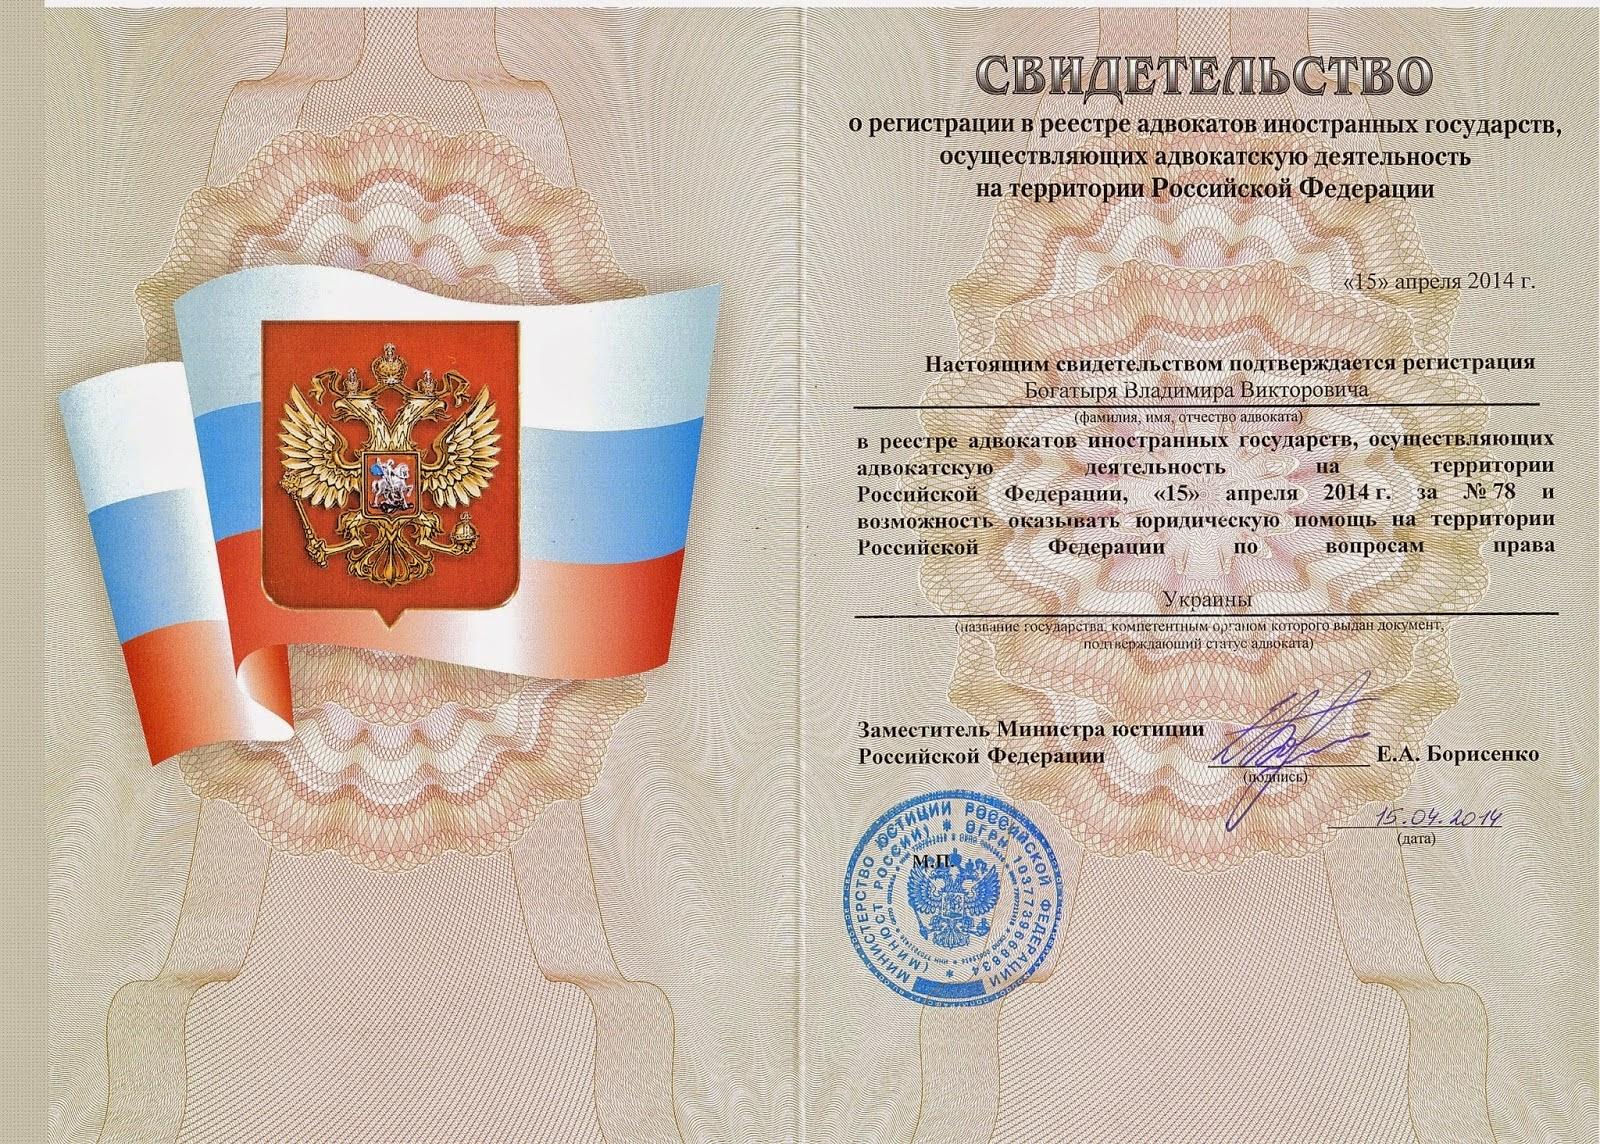 Иностранный адвокат в России по вопросам права Украины